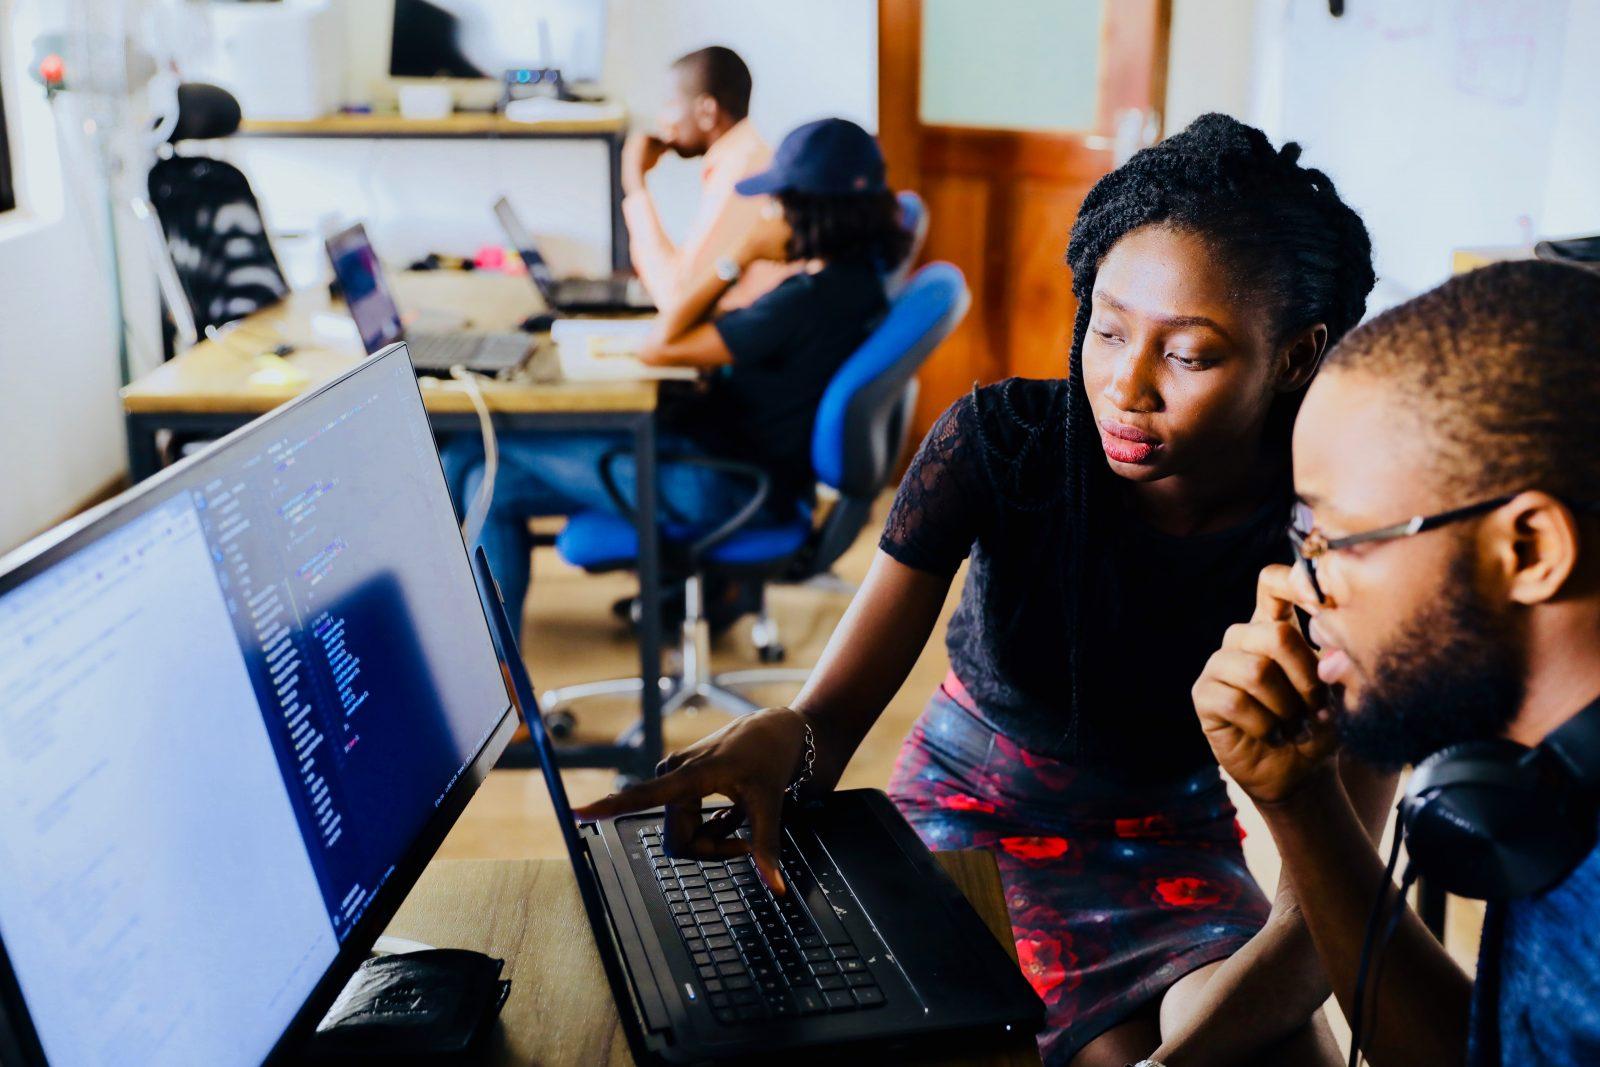 Nuoria tietokoneiden ääressä